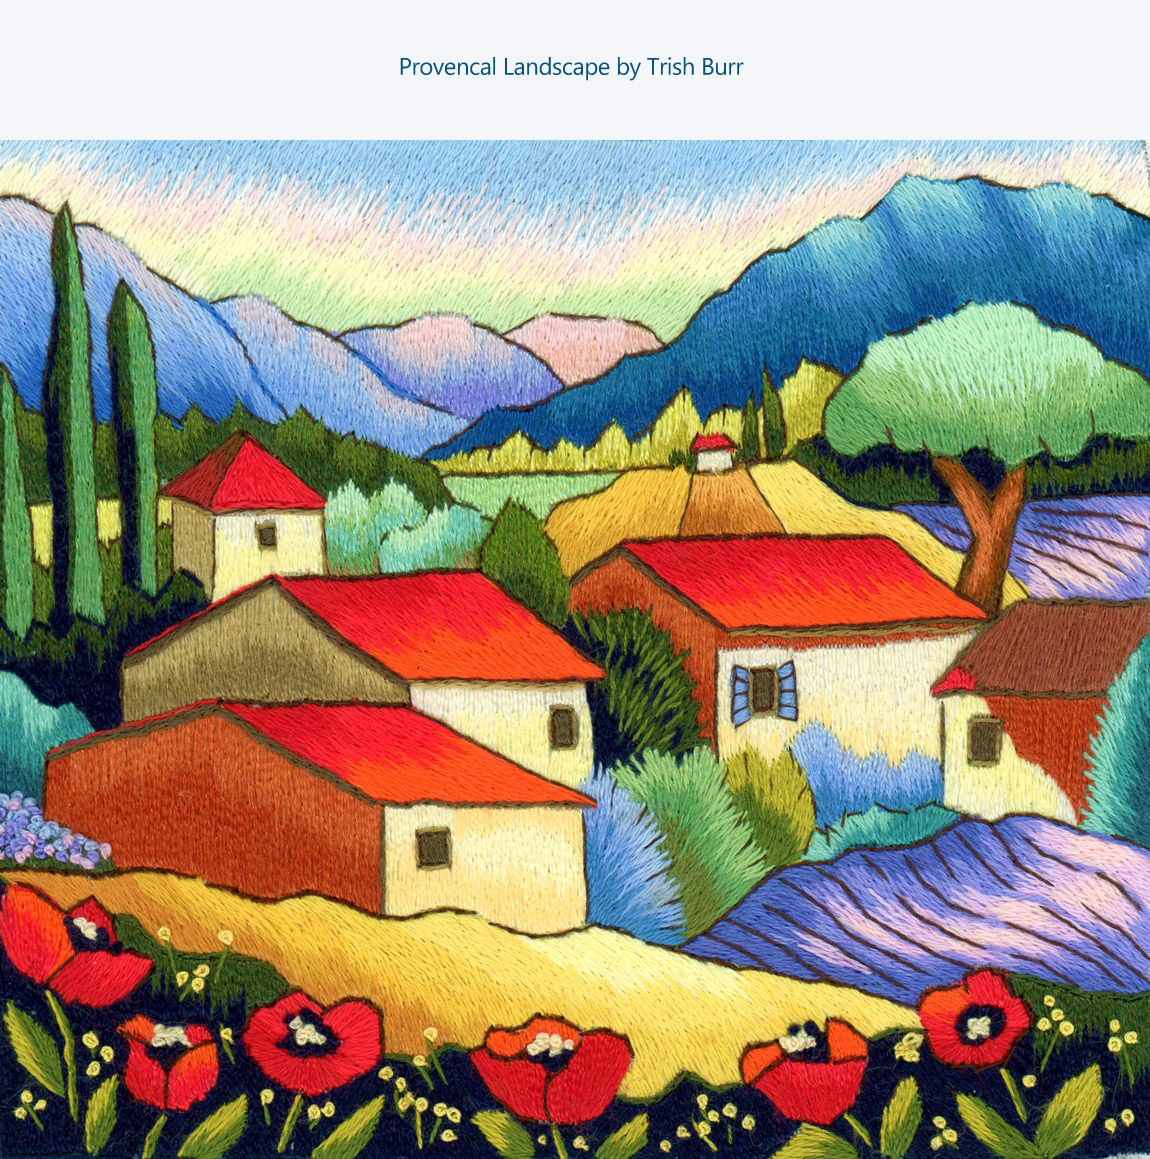 Provençal Landscape by Trish Burr